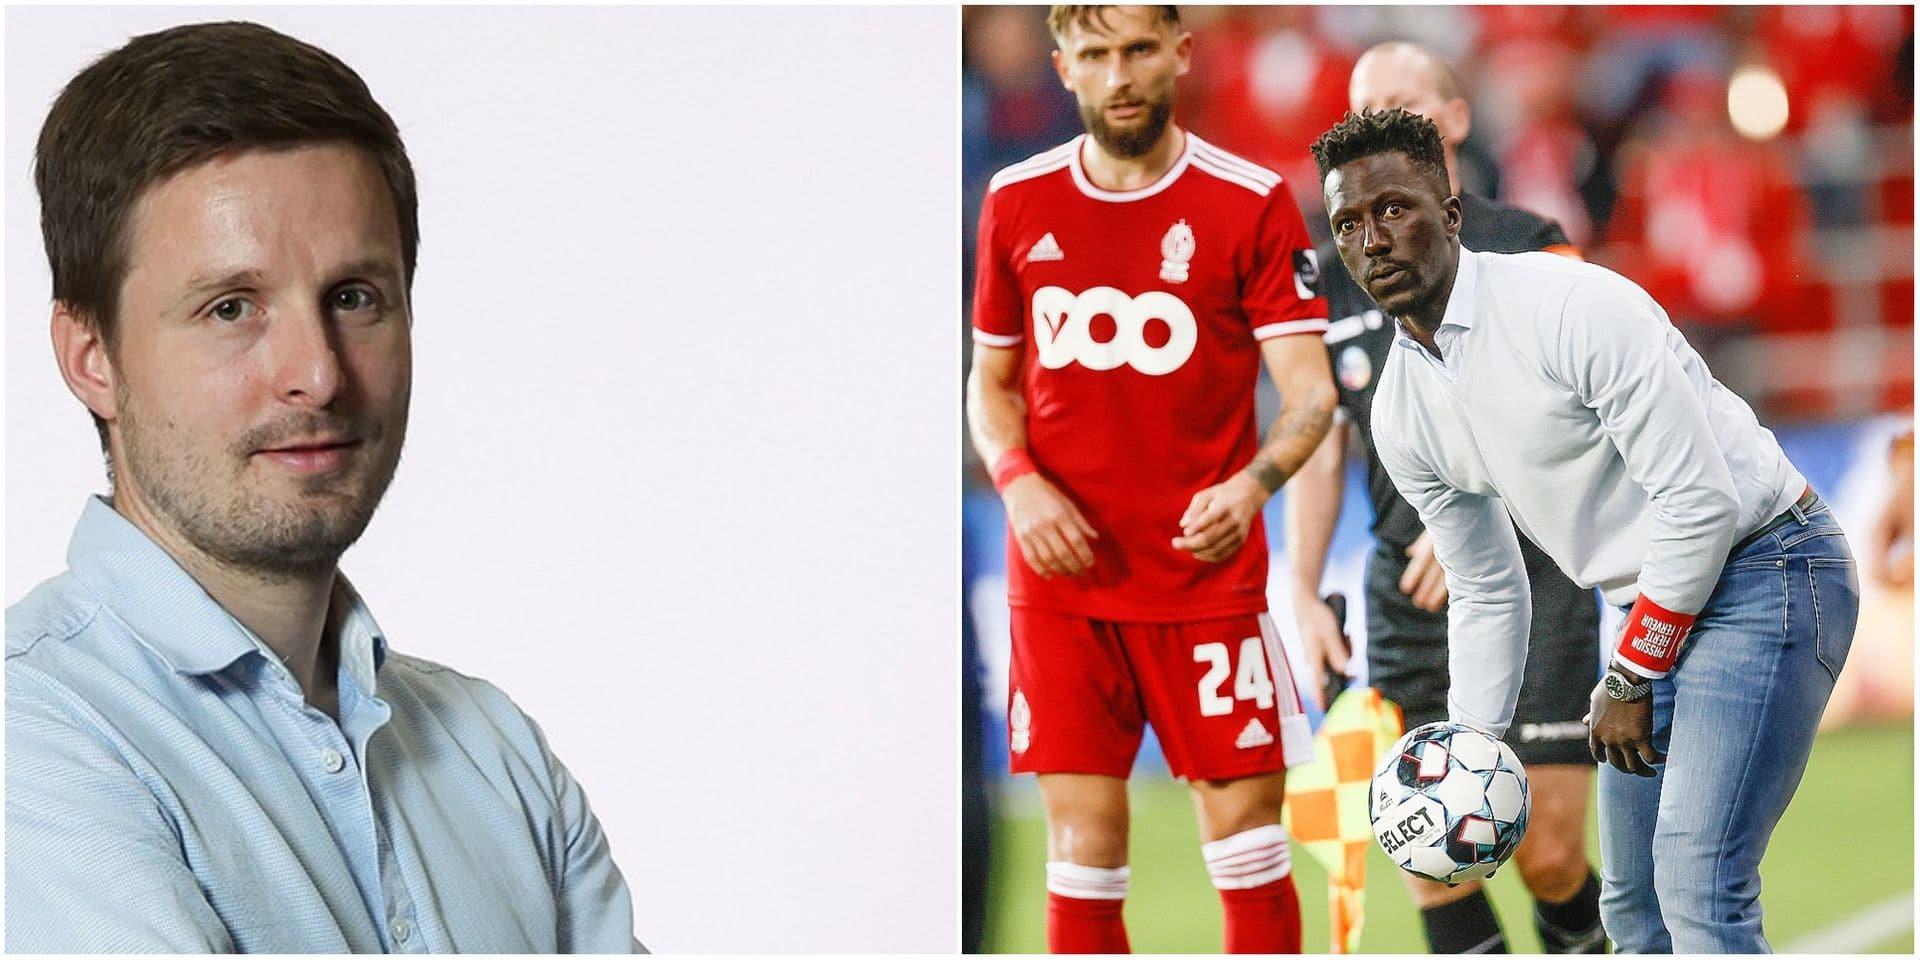 """La chronique de Christophe Franken : """"Mbaye Leye ne doit pas être menacé"""""""